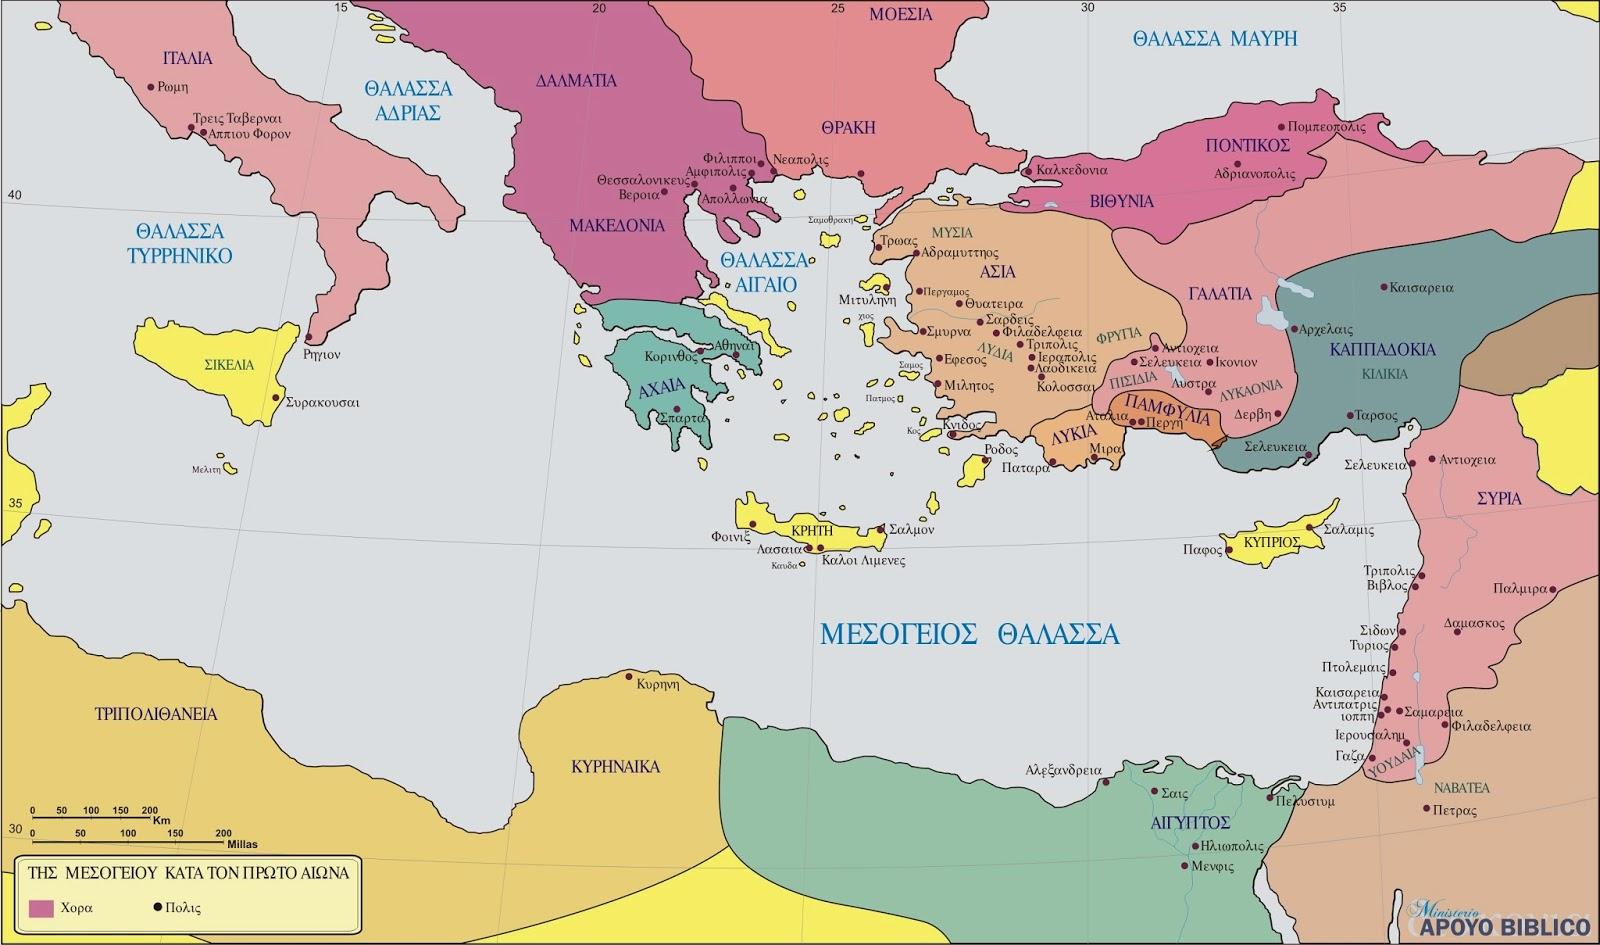 mapa do mediterraneo Map   Mediterráneo Mapa mapa do mediterraneo